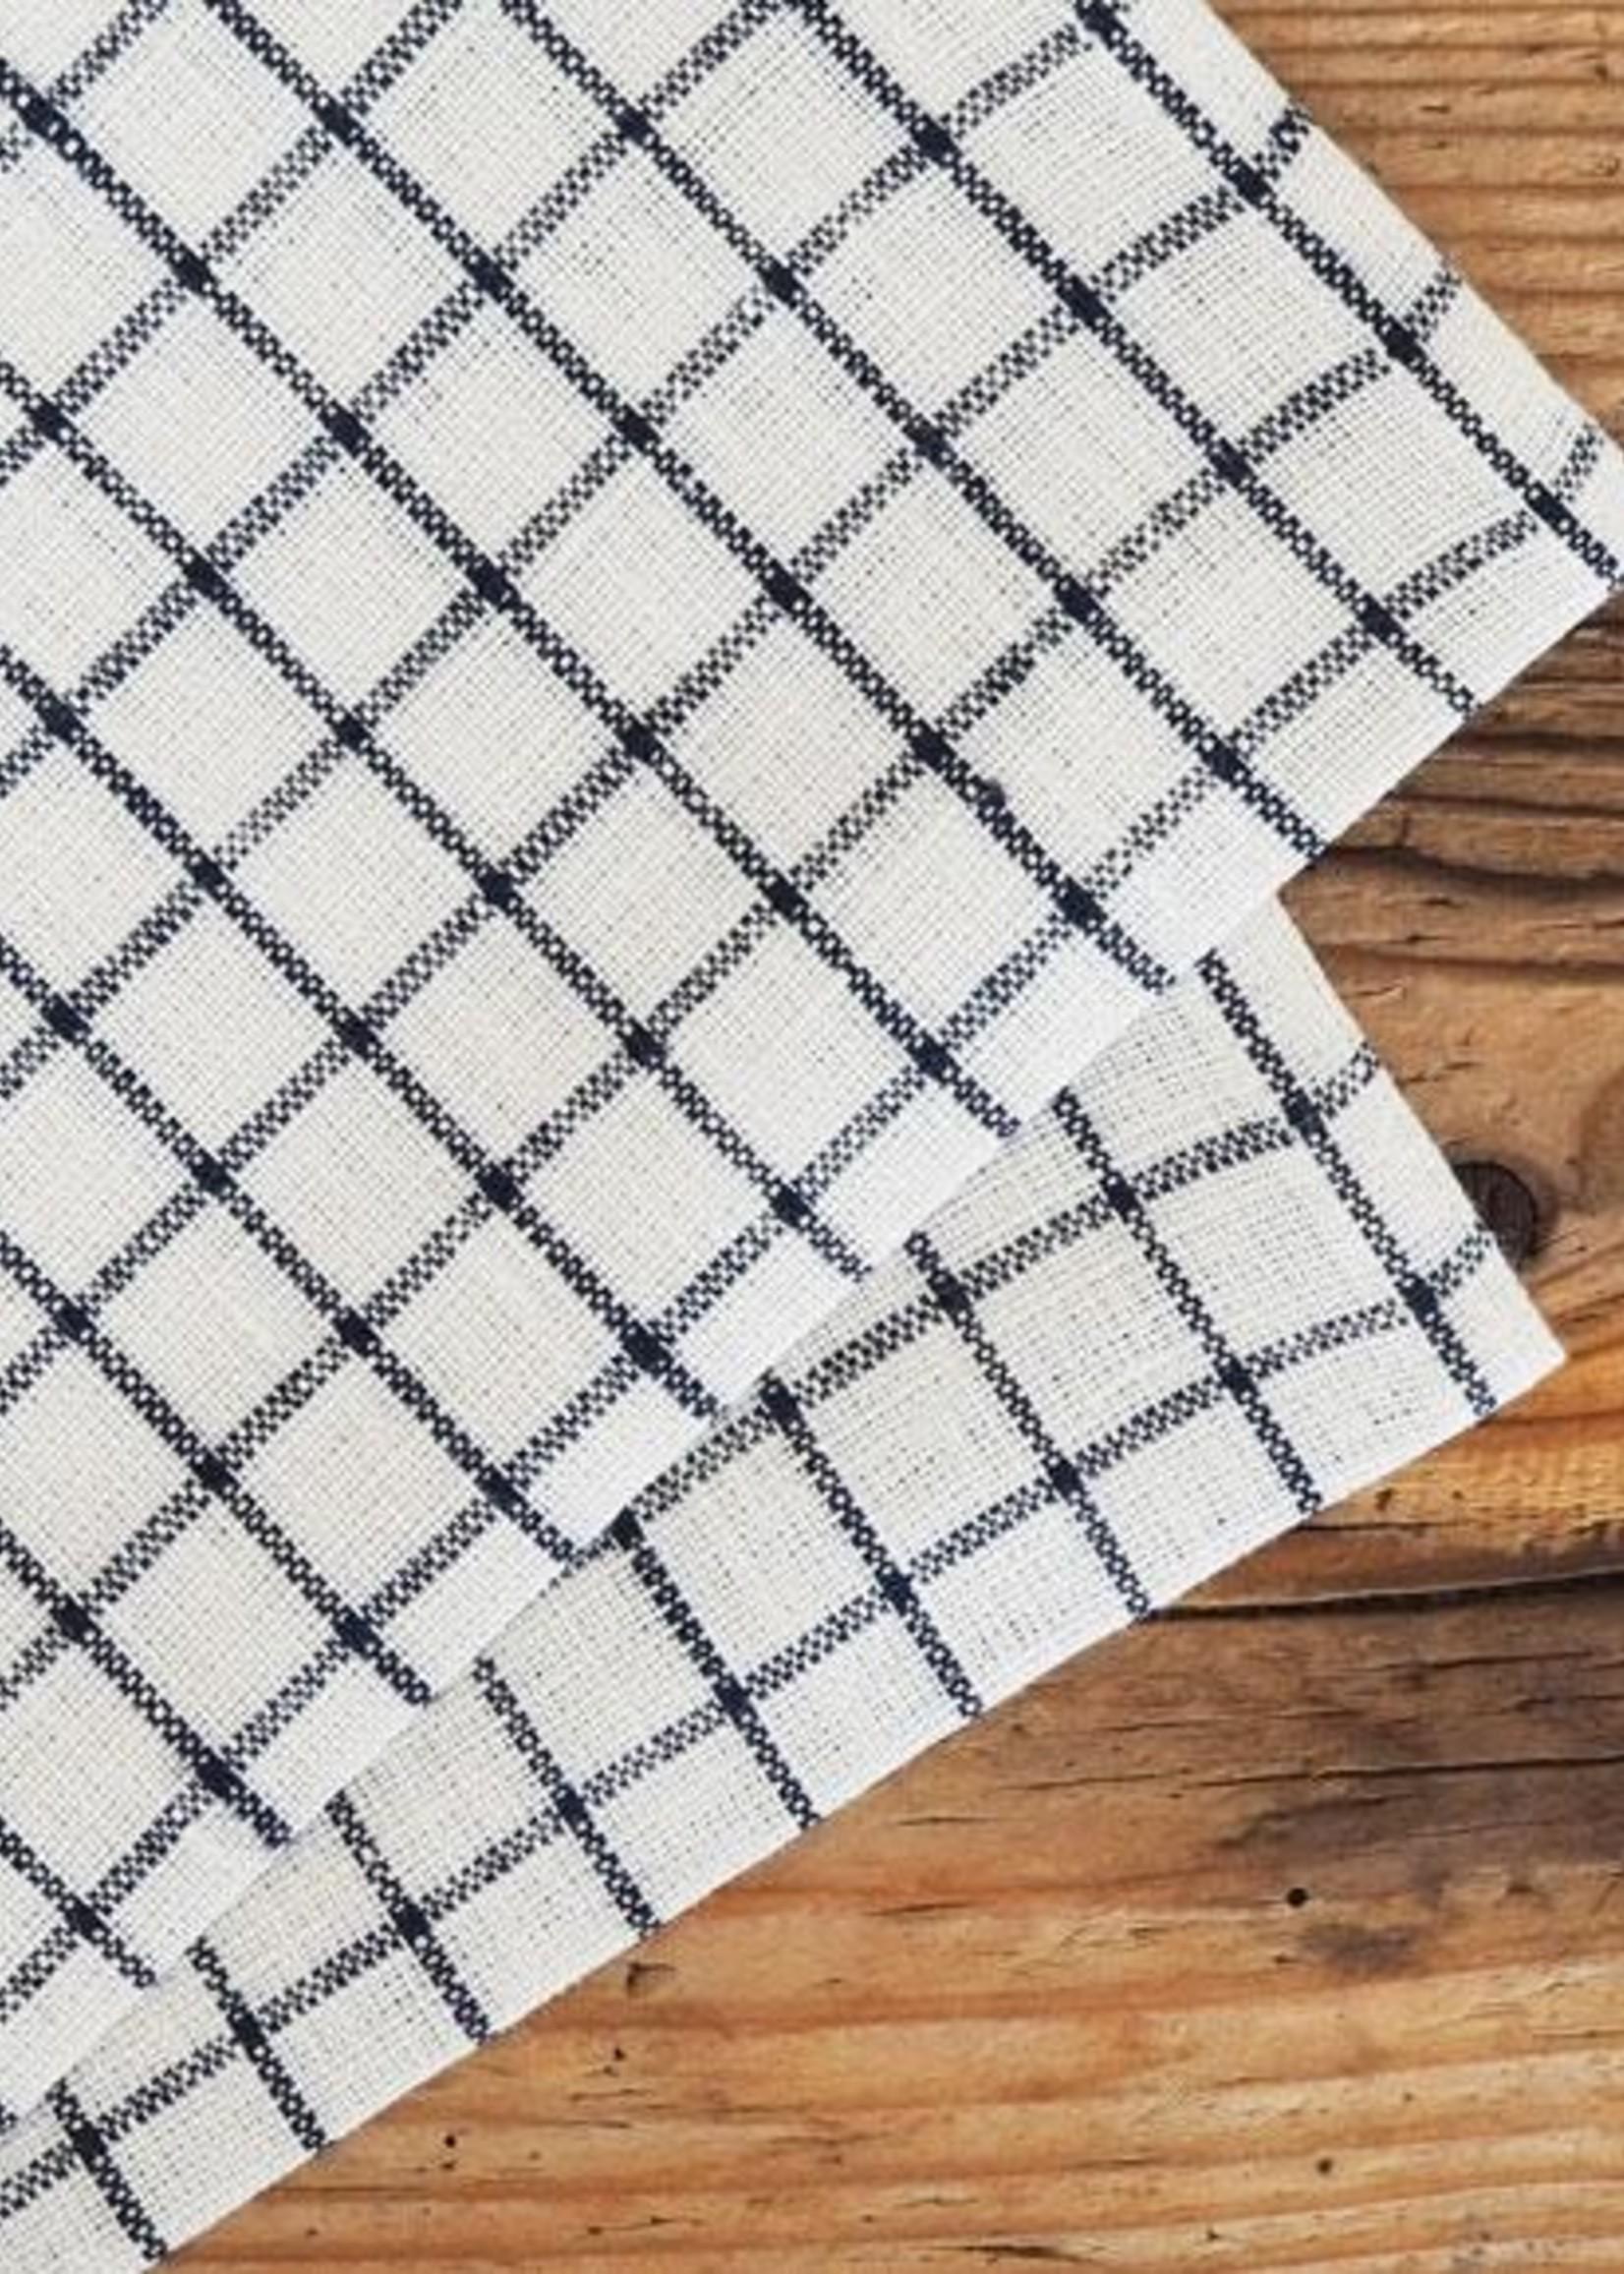 Keuken handdoek - linnen jen